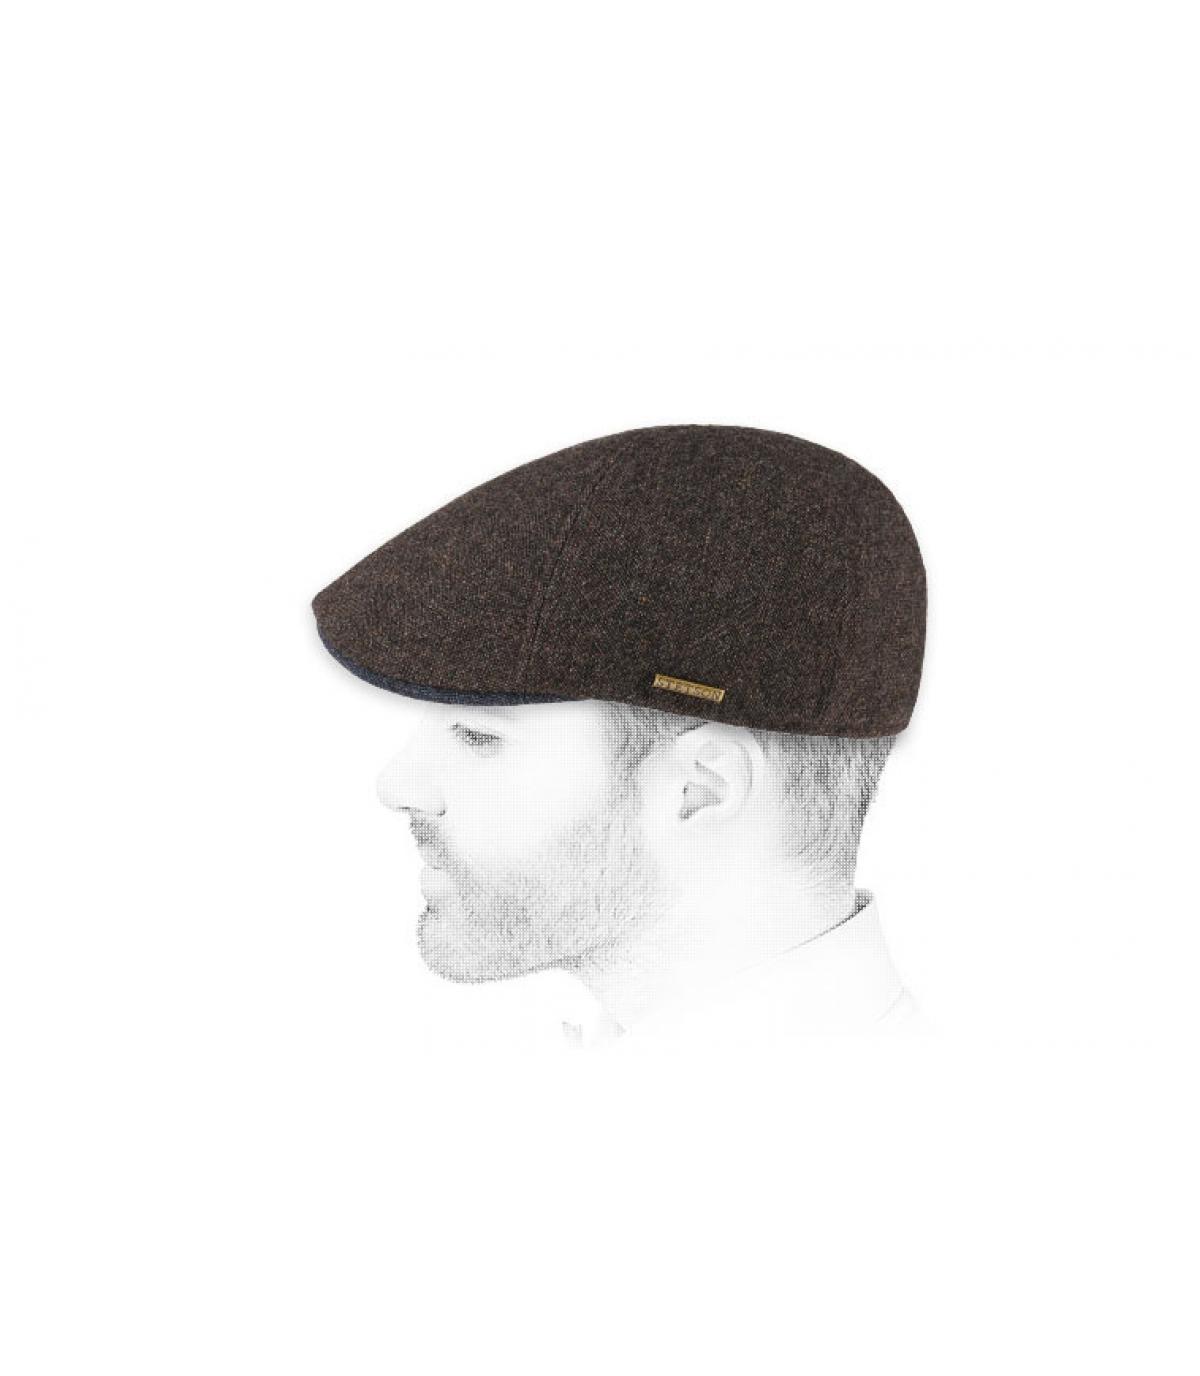 lana marrone berretto a becco d'anatra